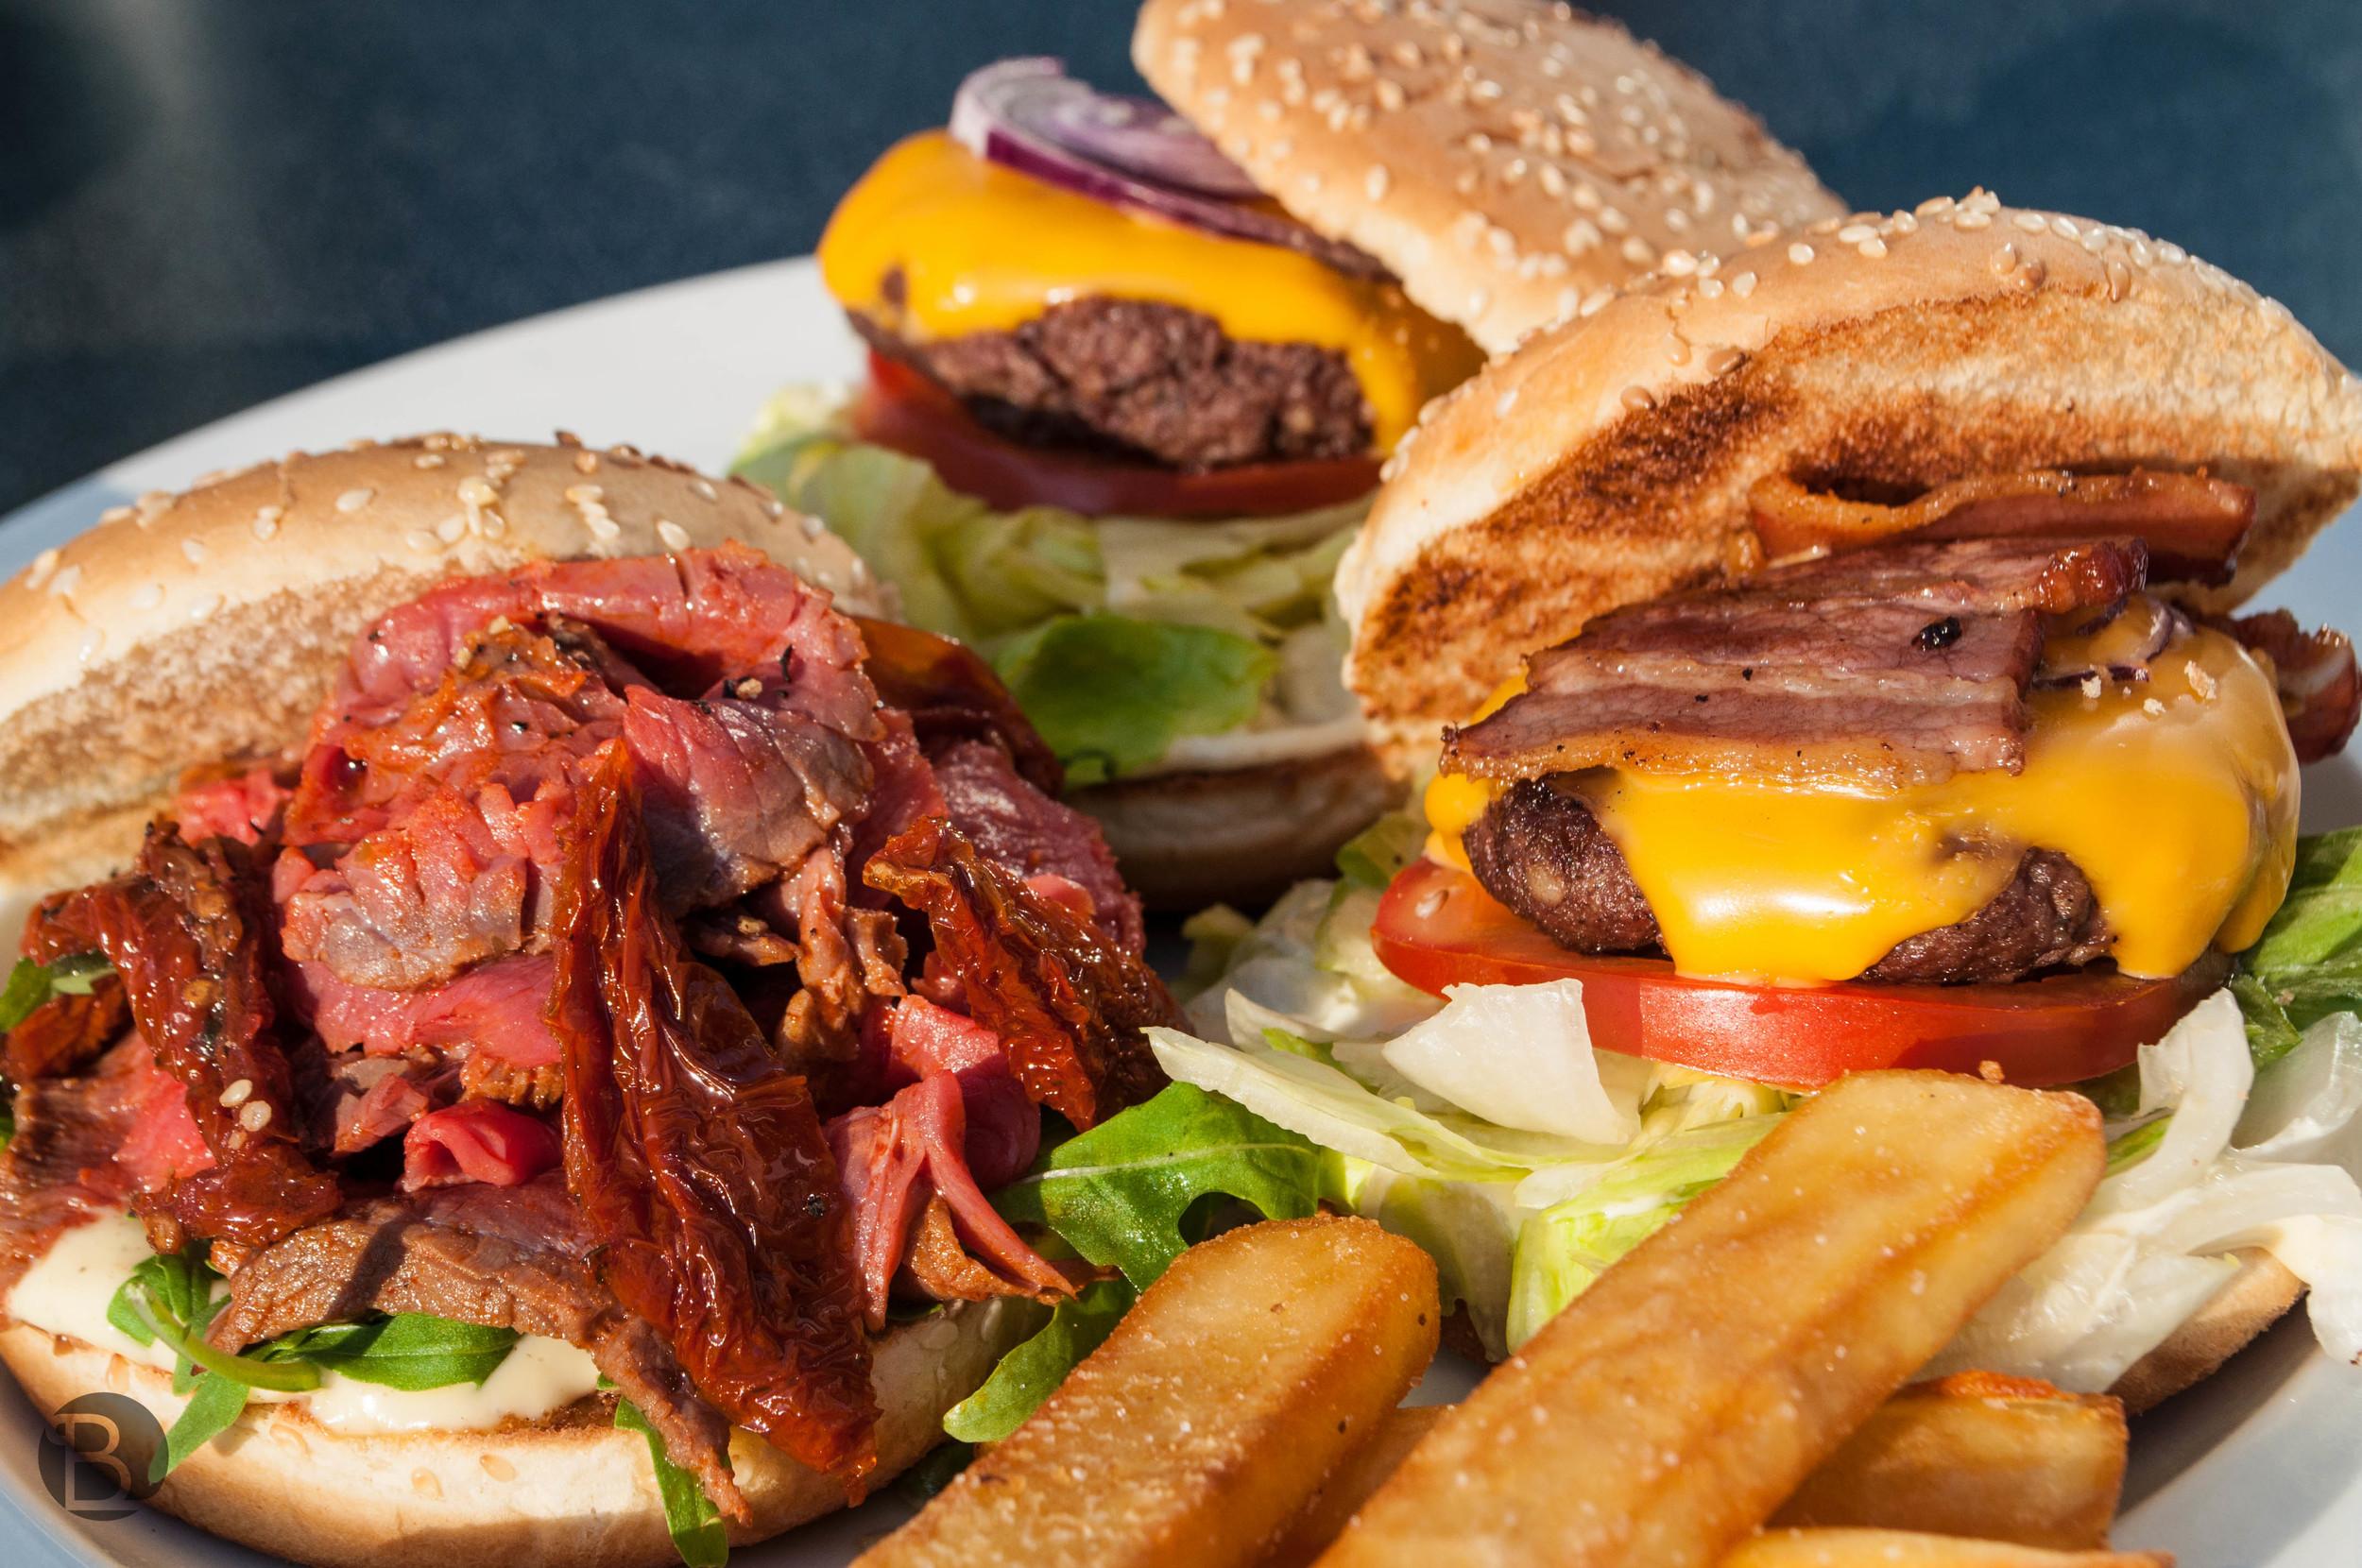 Burgery v ich 70% zmenšenine, aby sa zmestili na tanier.